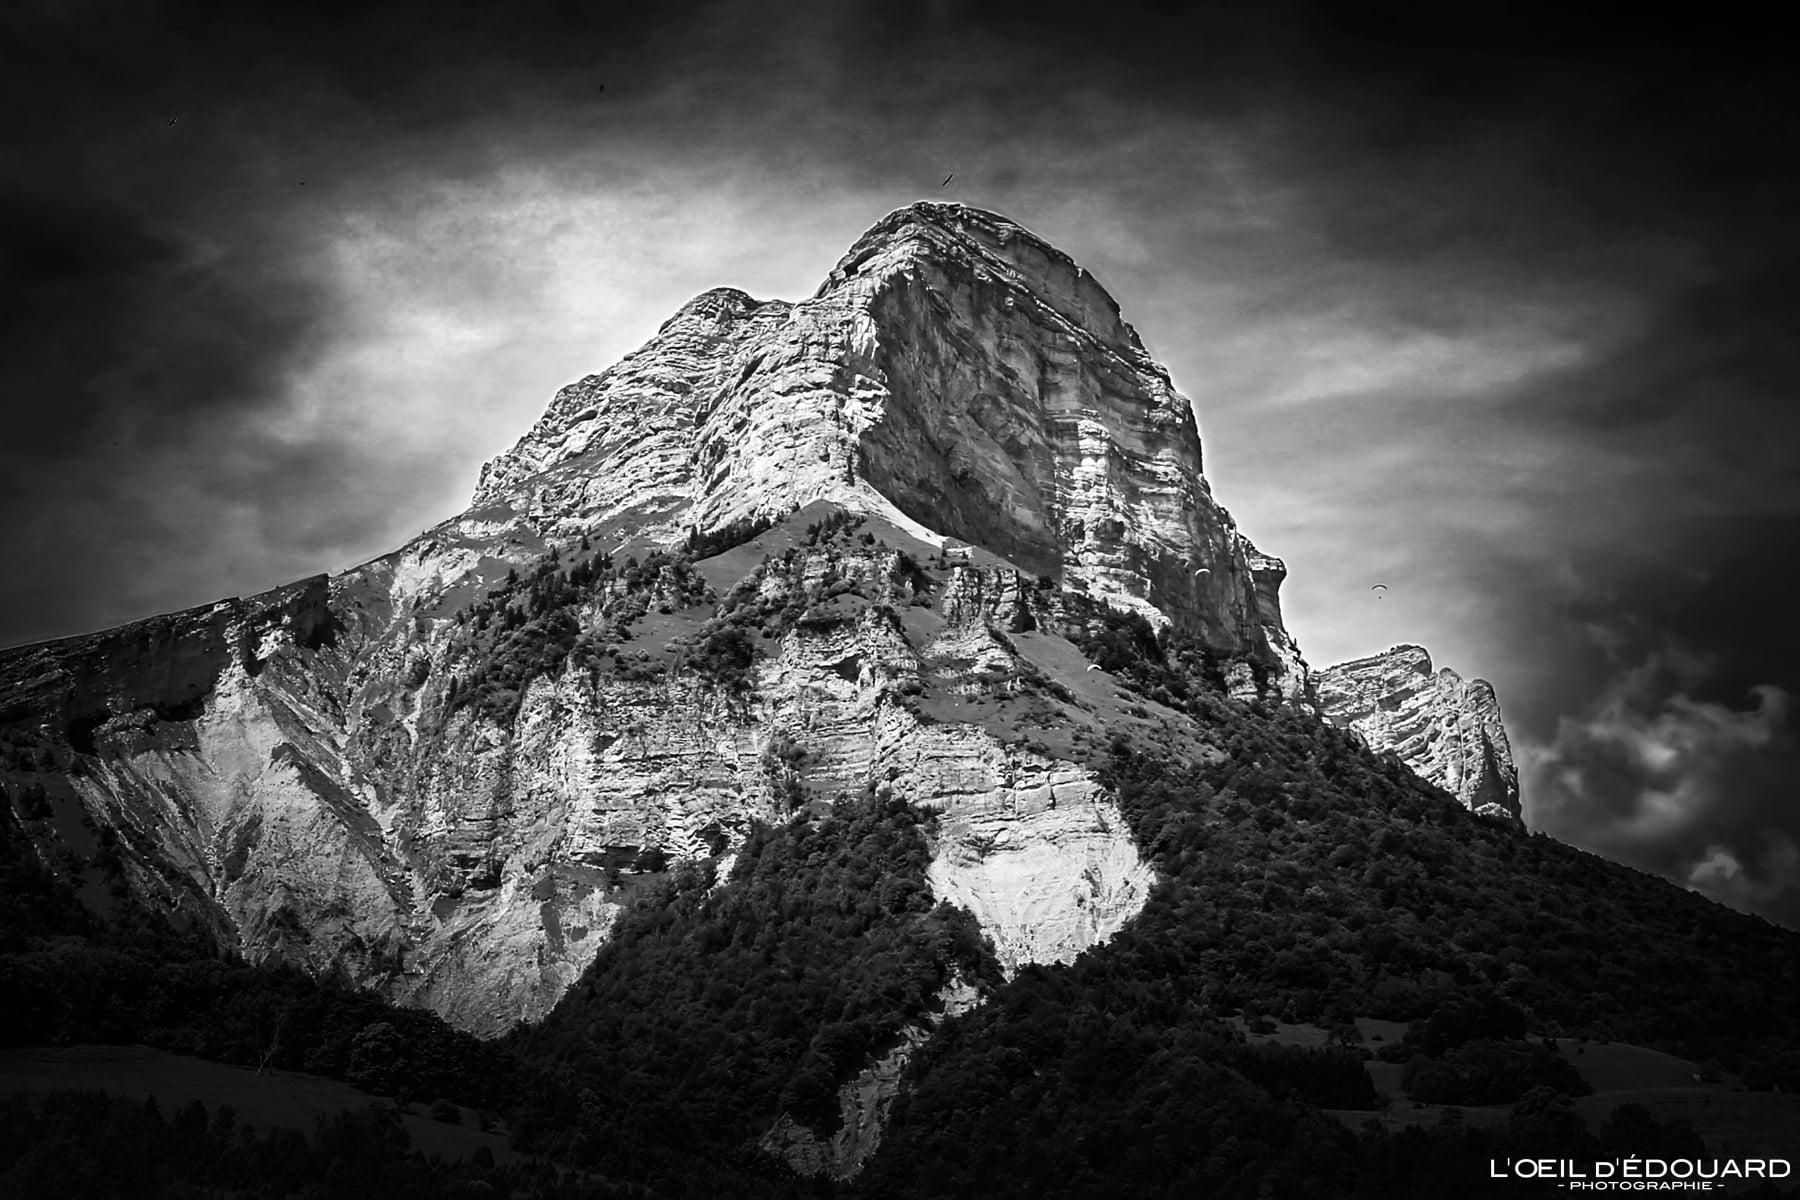 Randonnée en Isère - Dent de Crolles